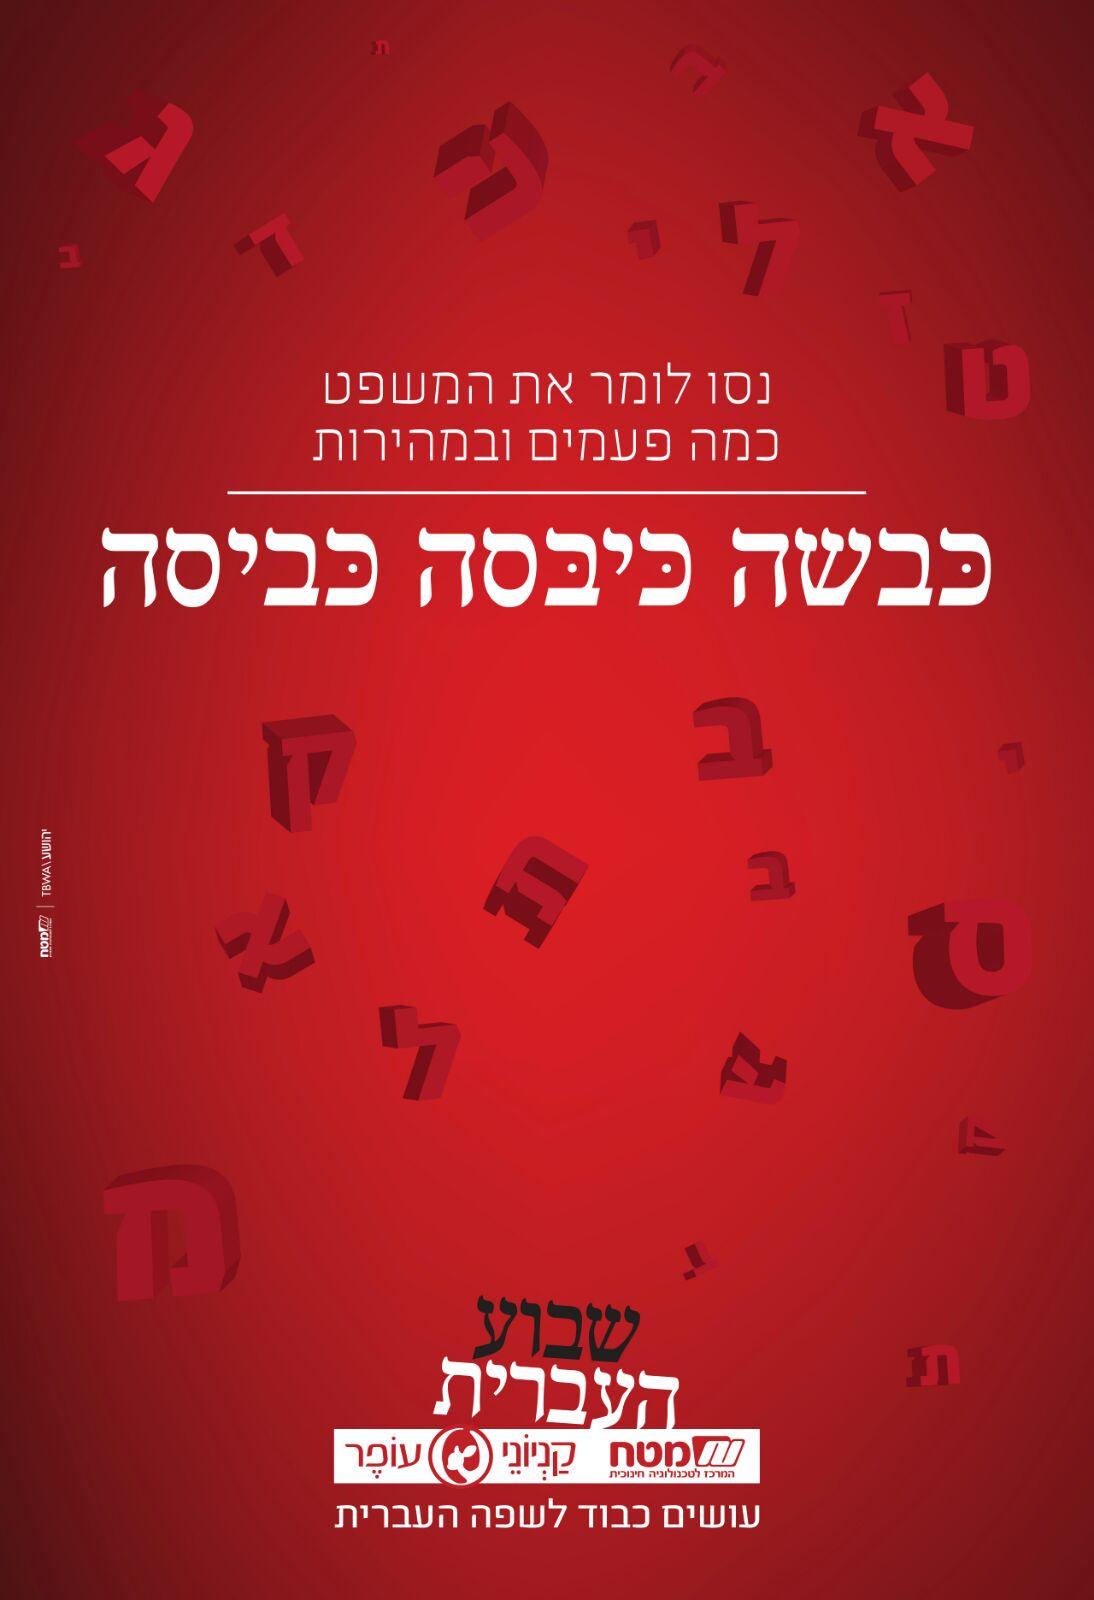 מסע פרסומי המציג את הצדדים המשעשעים של השפה העברית 7